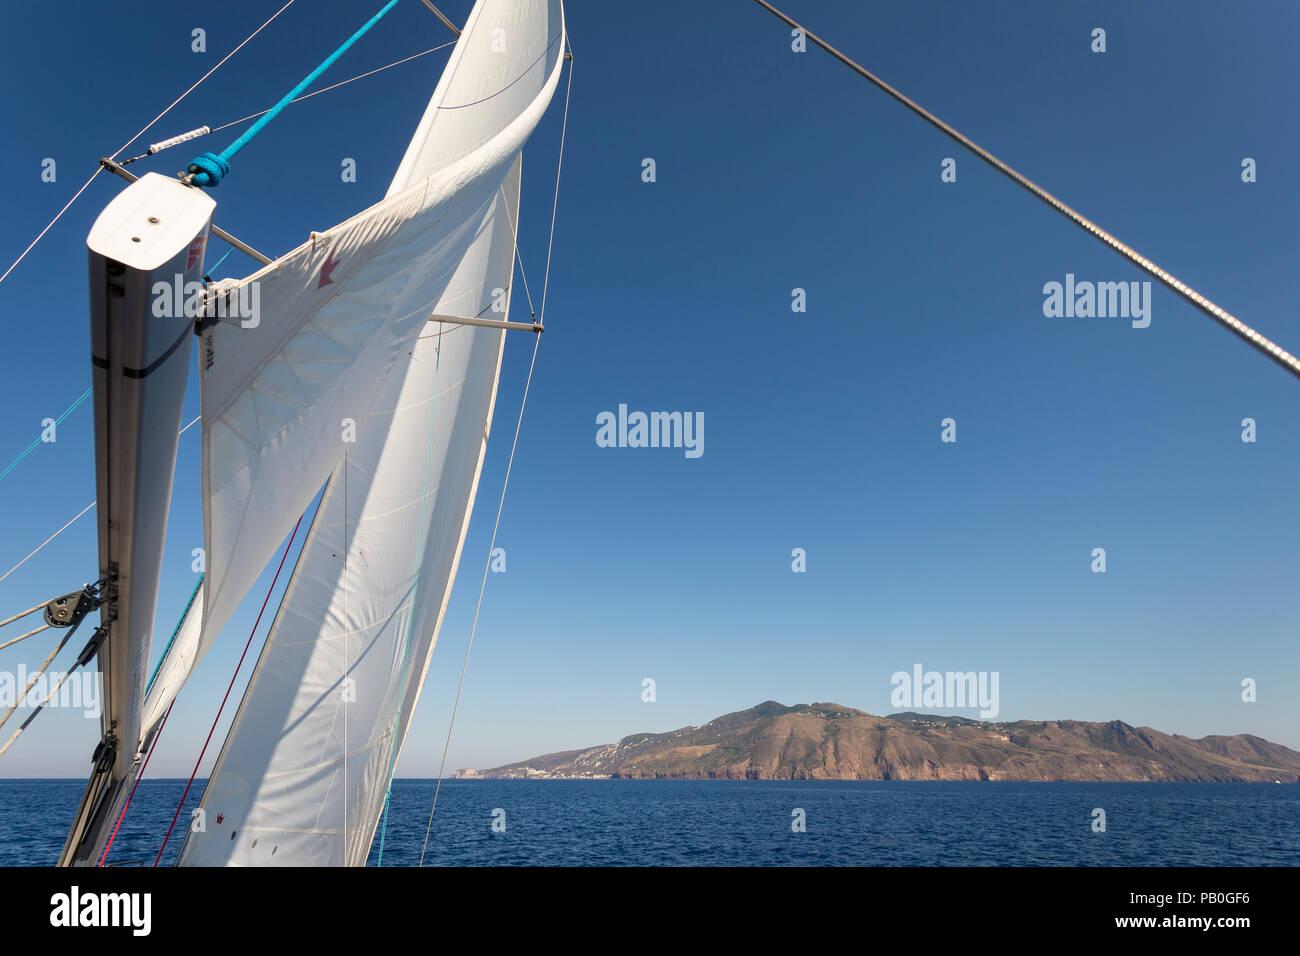 Barca a vela le Isole Eolie o Lipari, Sicilia. Immagini Stock